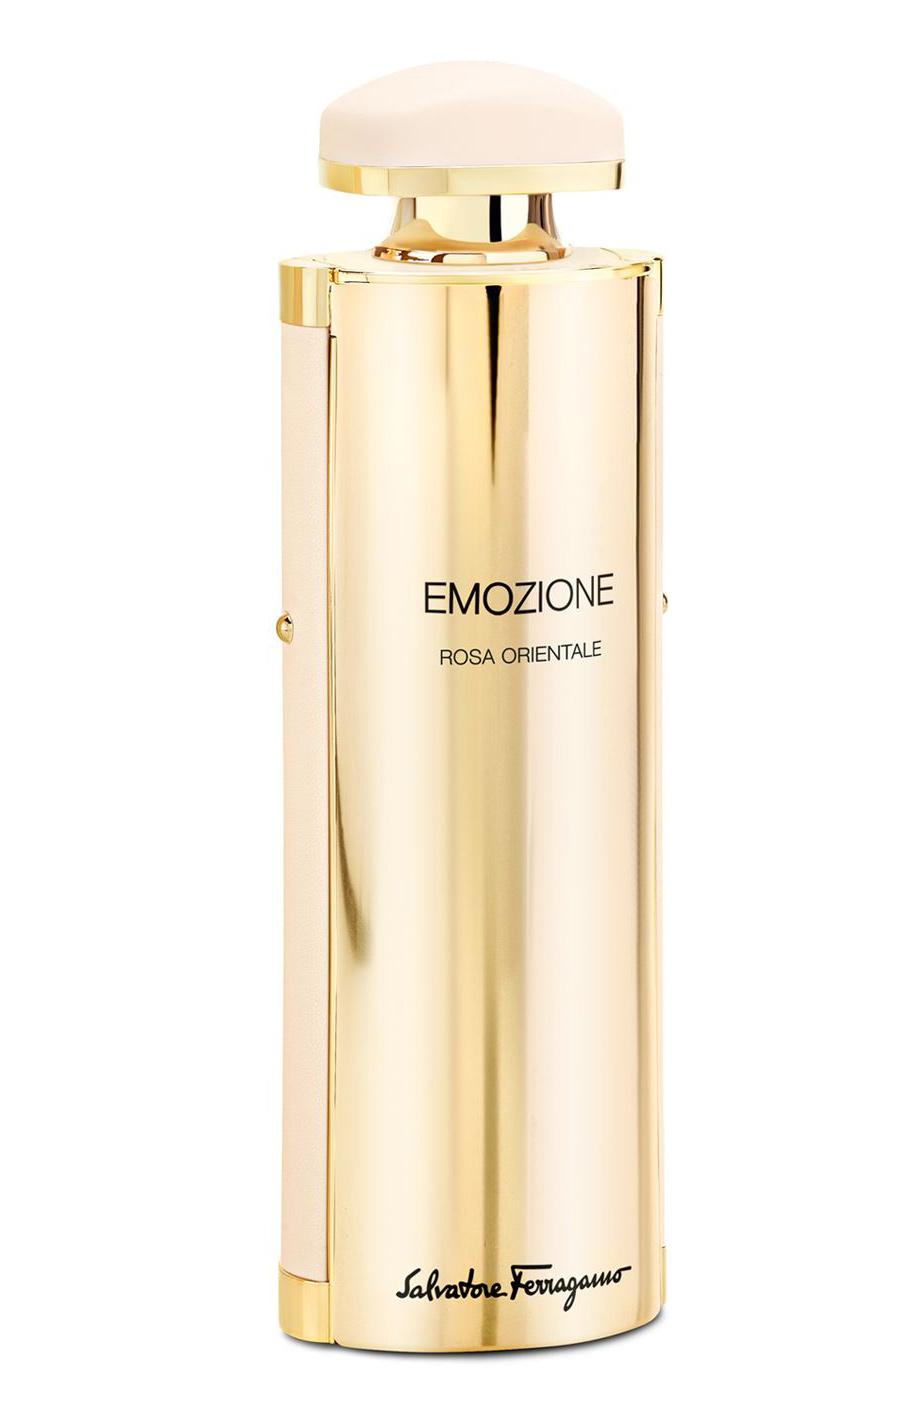 1b6eb4e12fda0 Emozione Rosa Orientale Salvatore Ferragamo perfume - a new ...